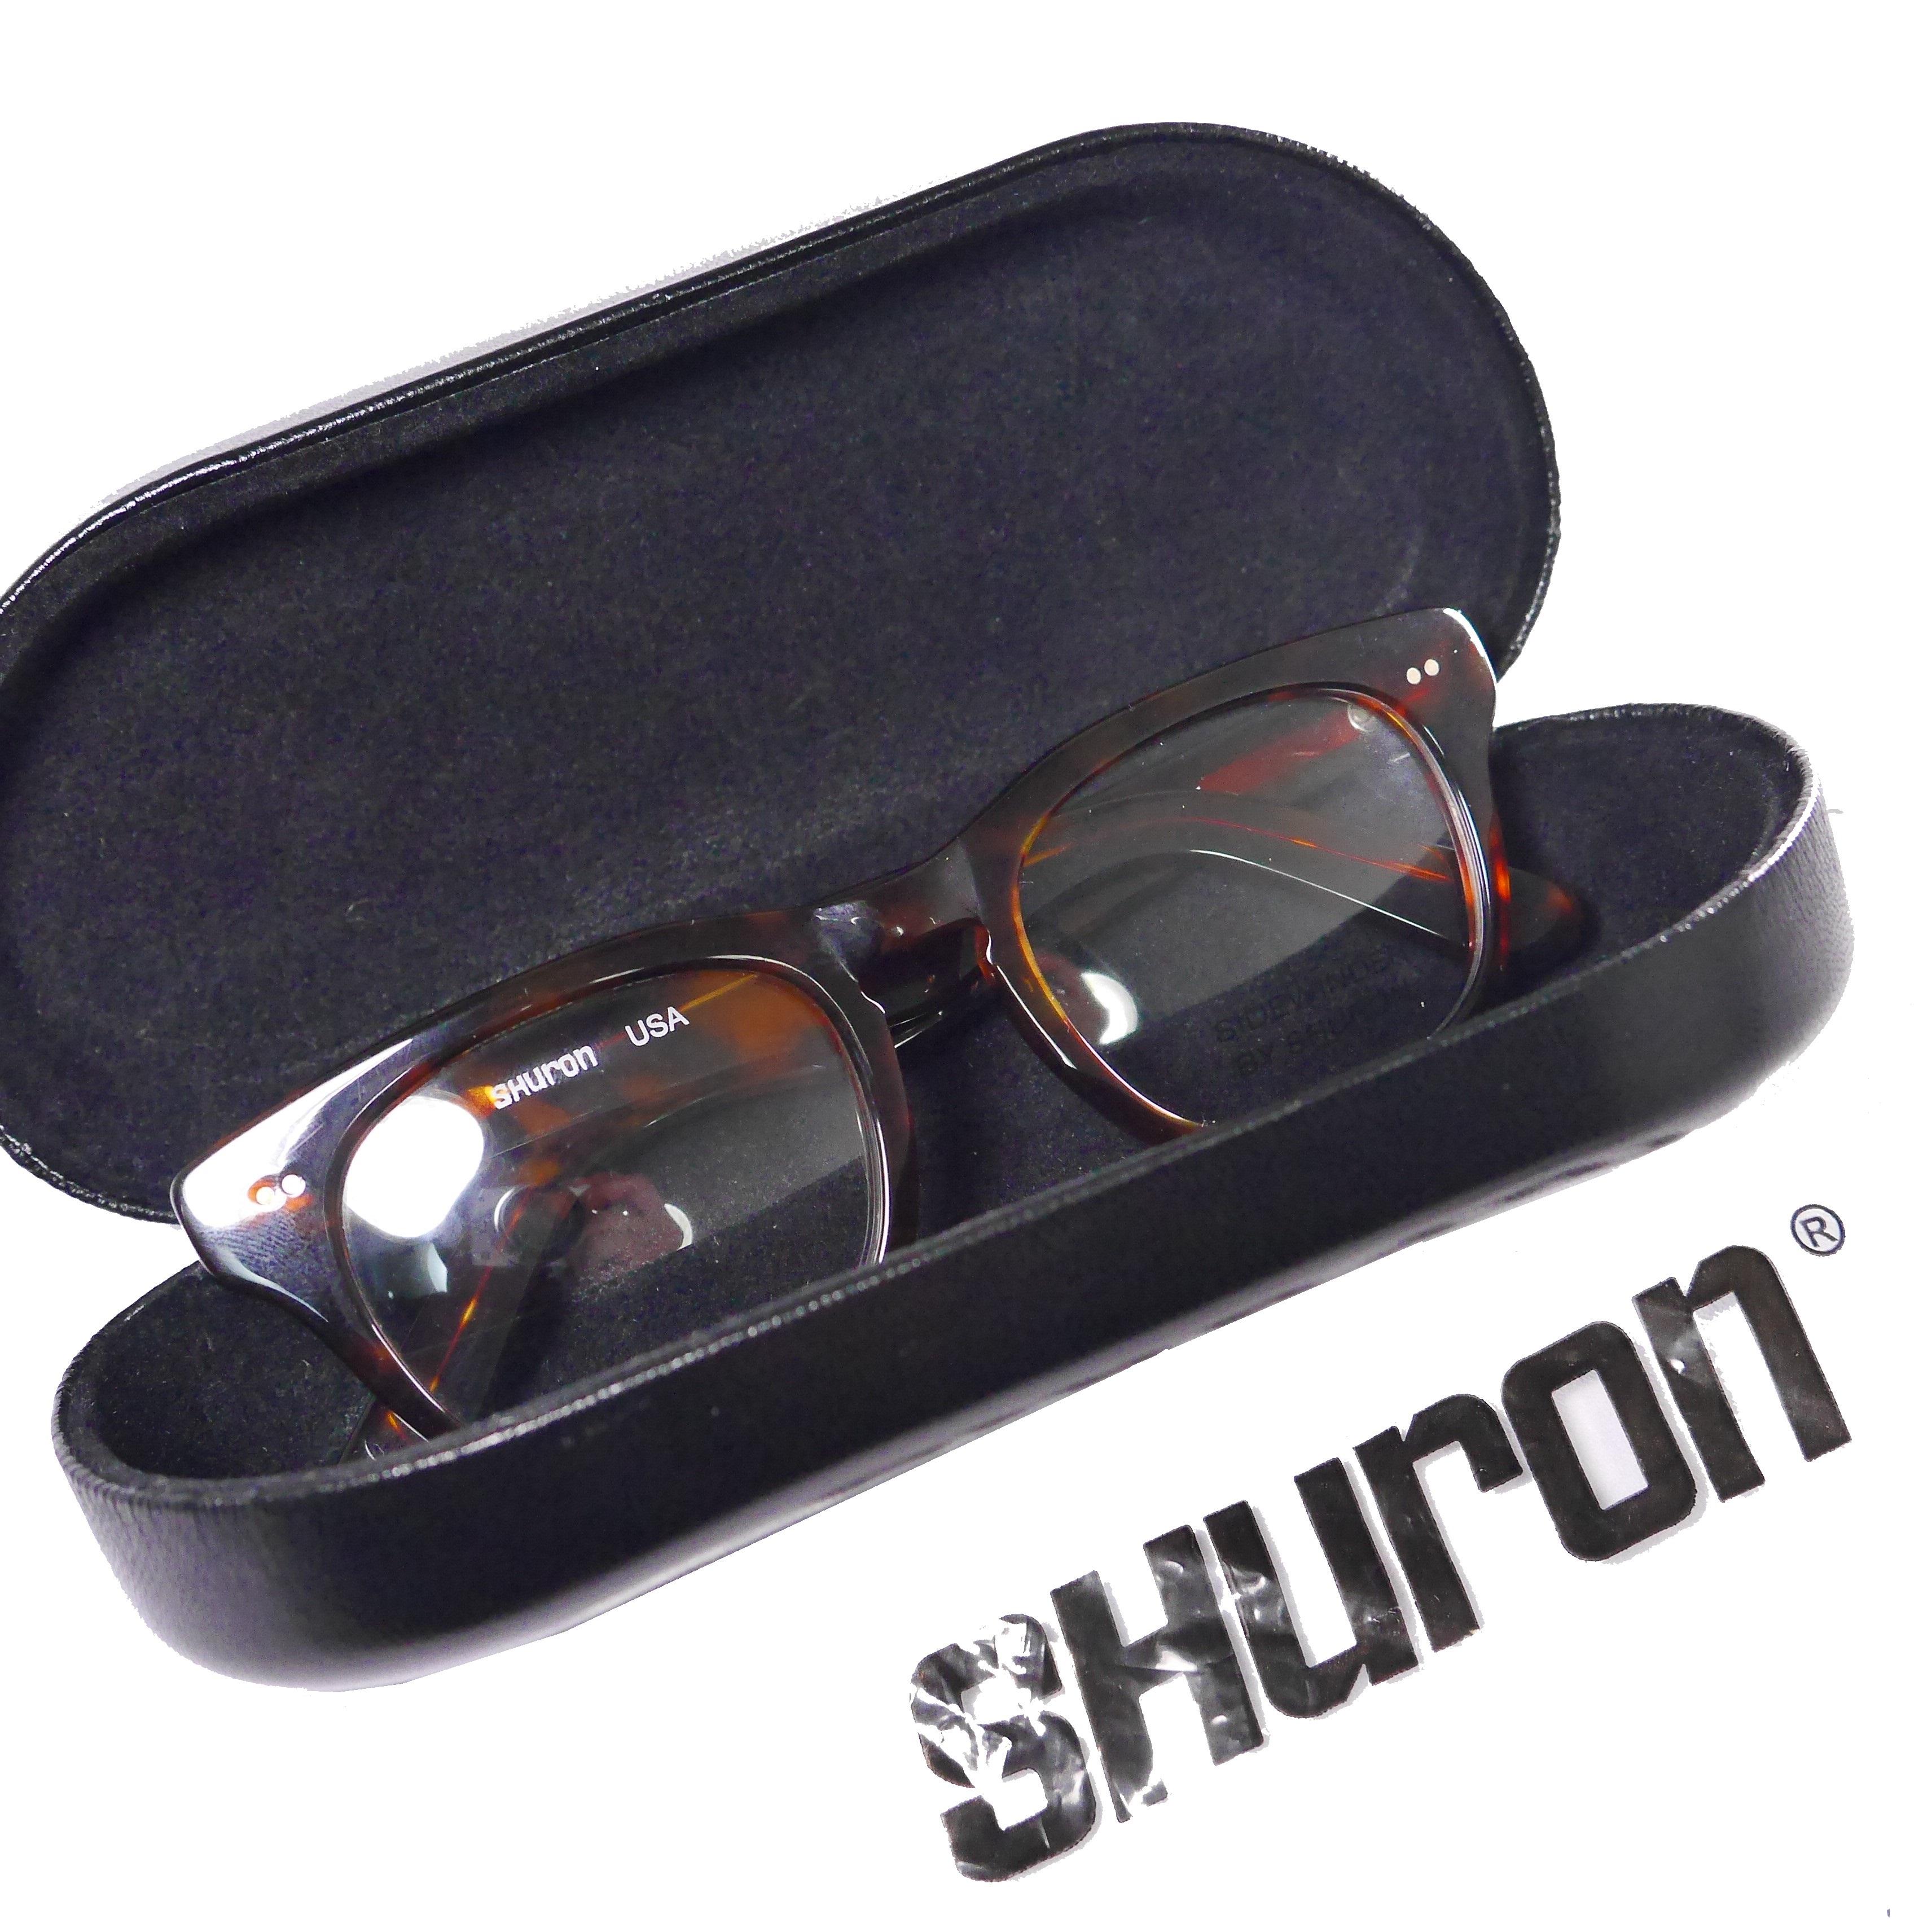 SHURON シュロン サイドワインダー50□20 べっこう柄伊達メガネ 眼鏡 サングラス